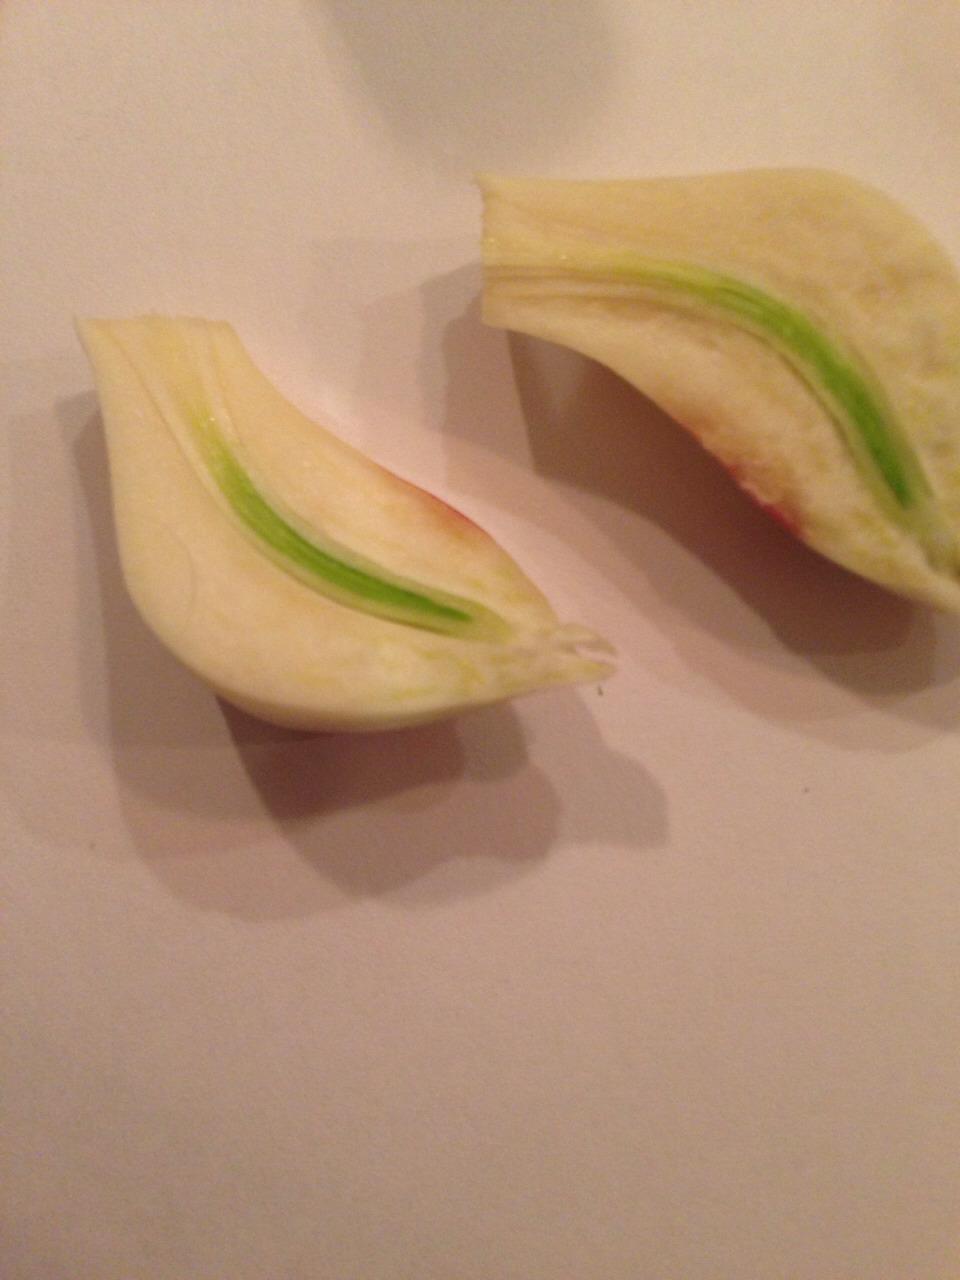 Cut a clove of garlic in half